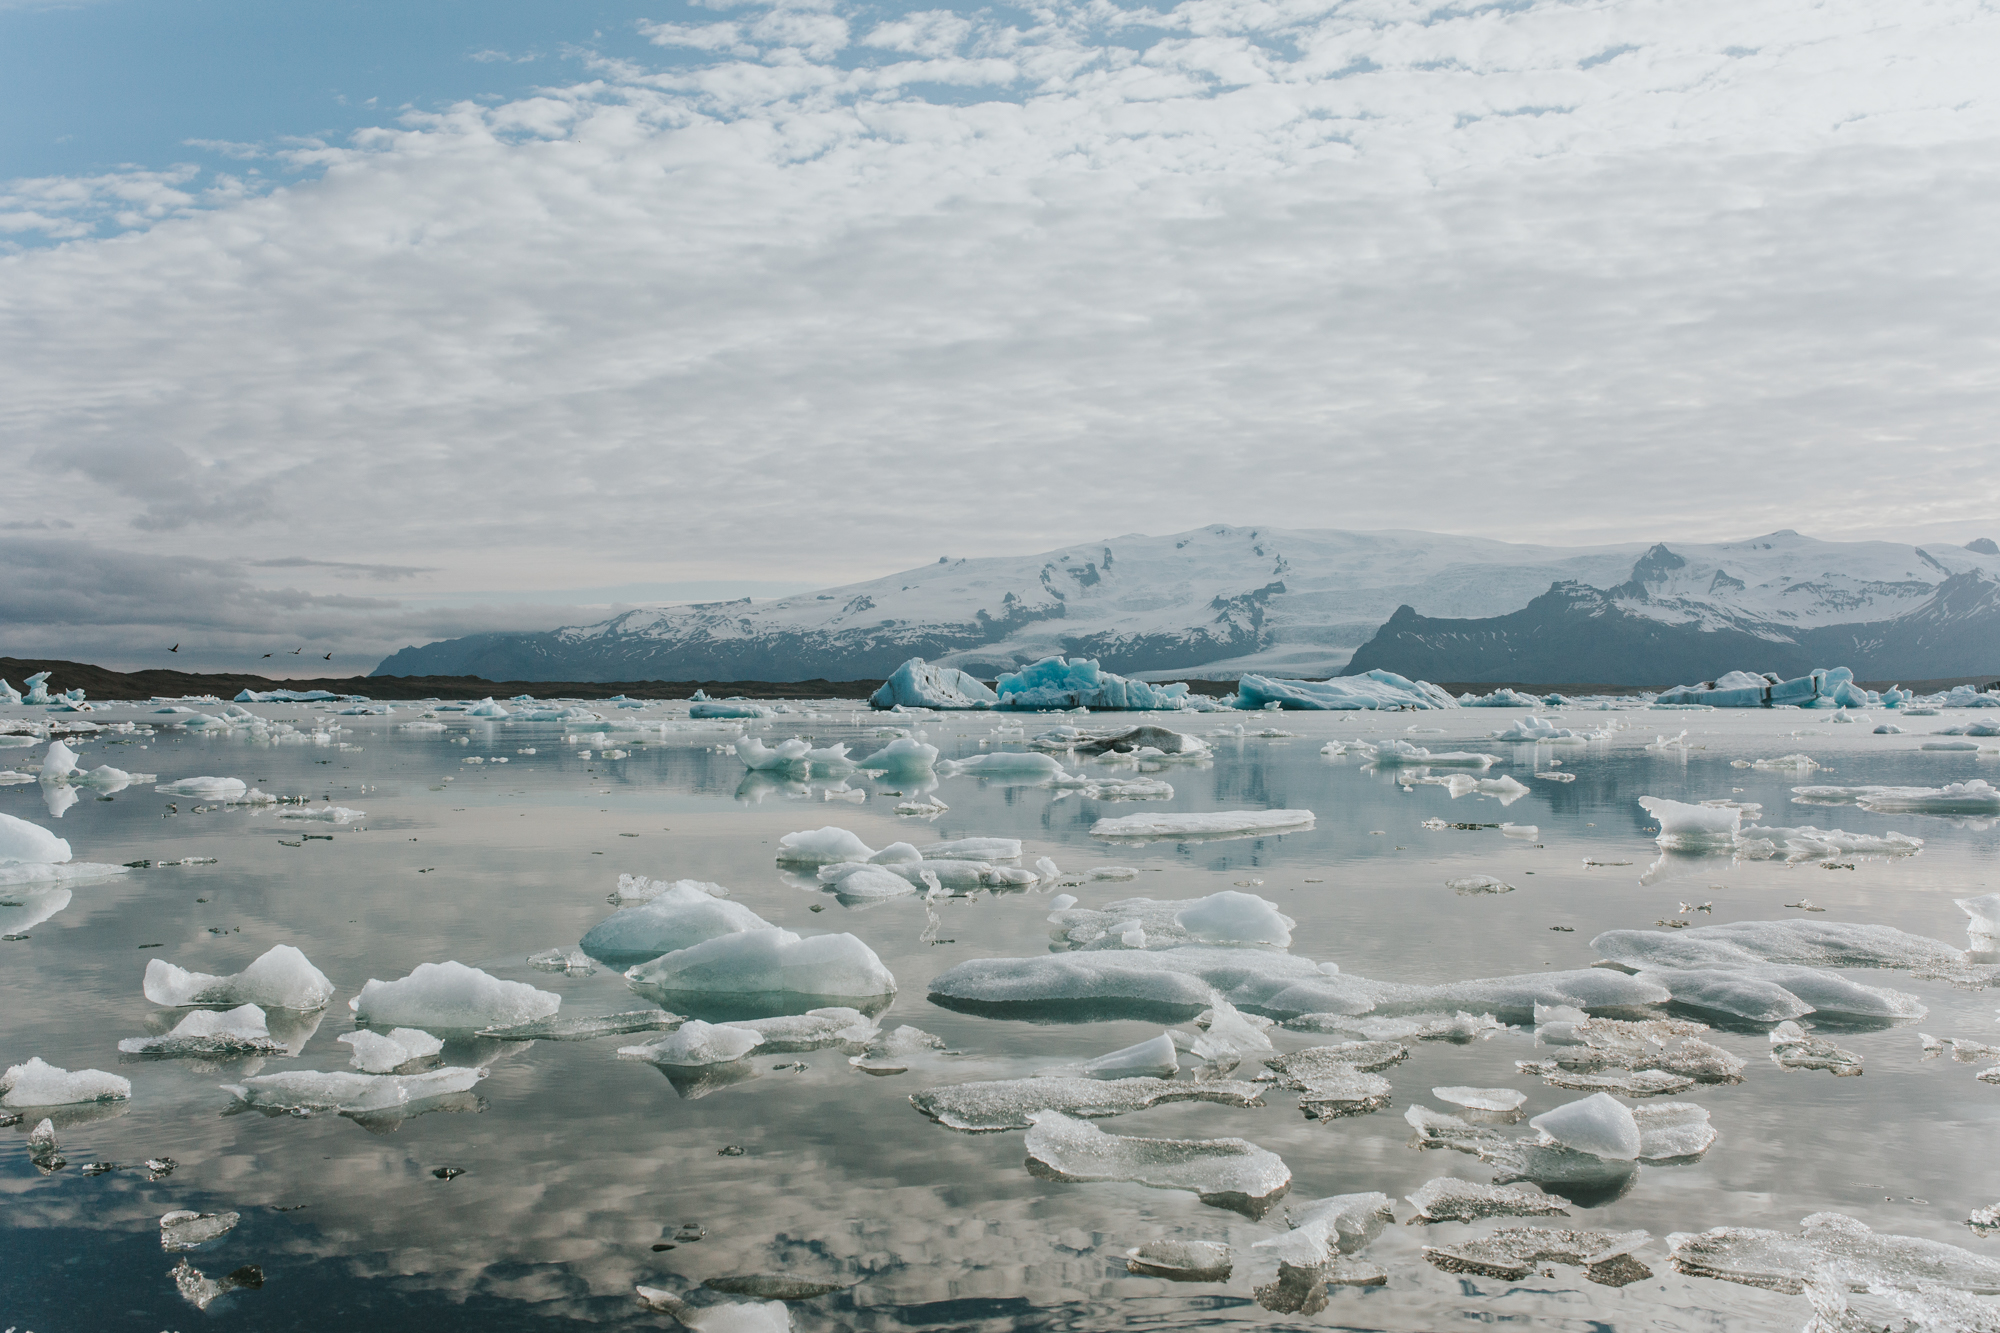 Iceland Jokulsarlon Glacier Engagement Session